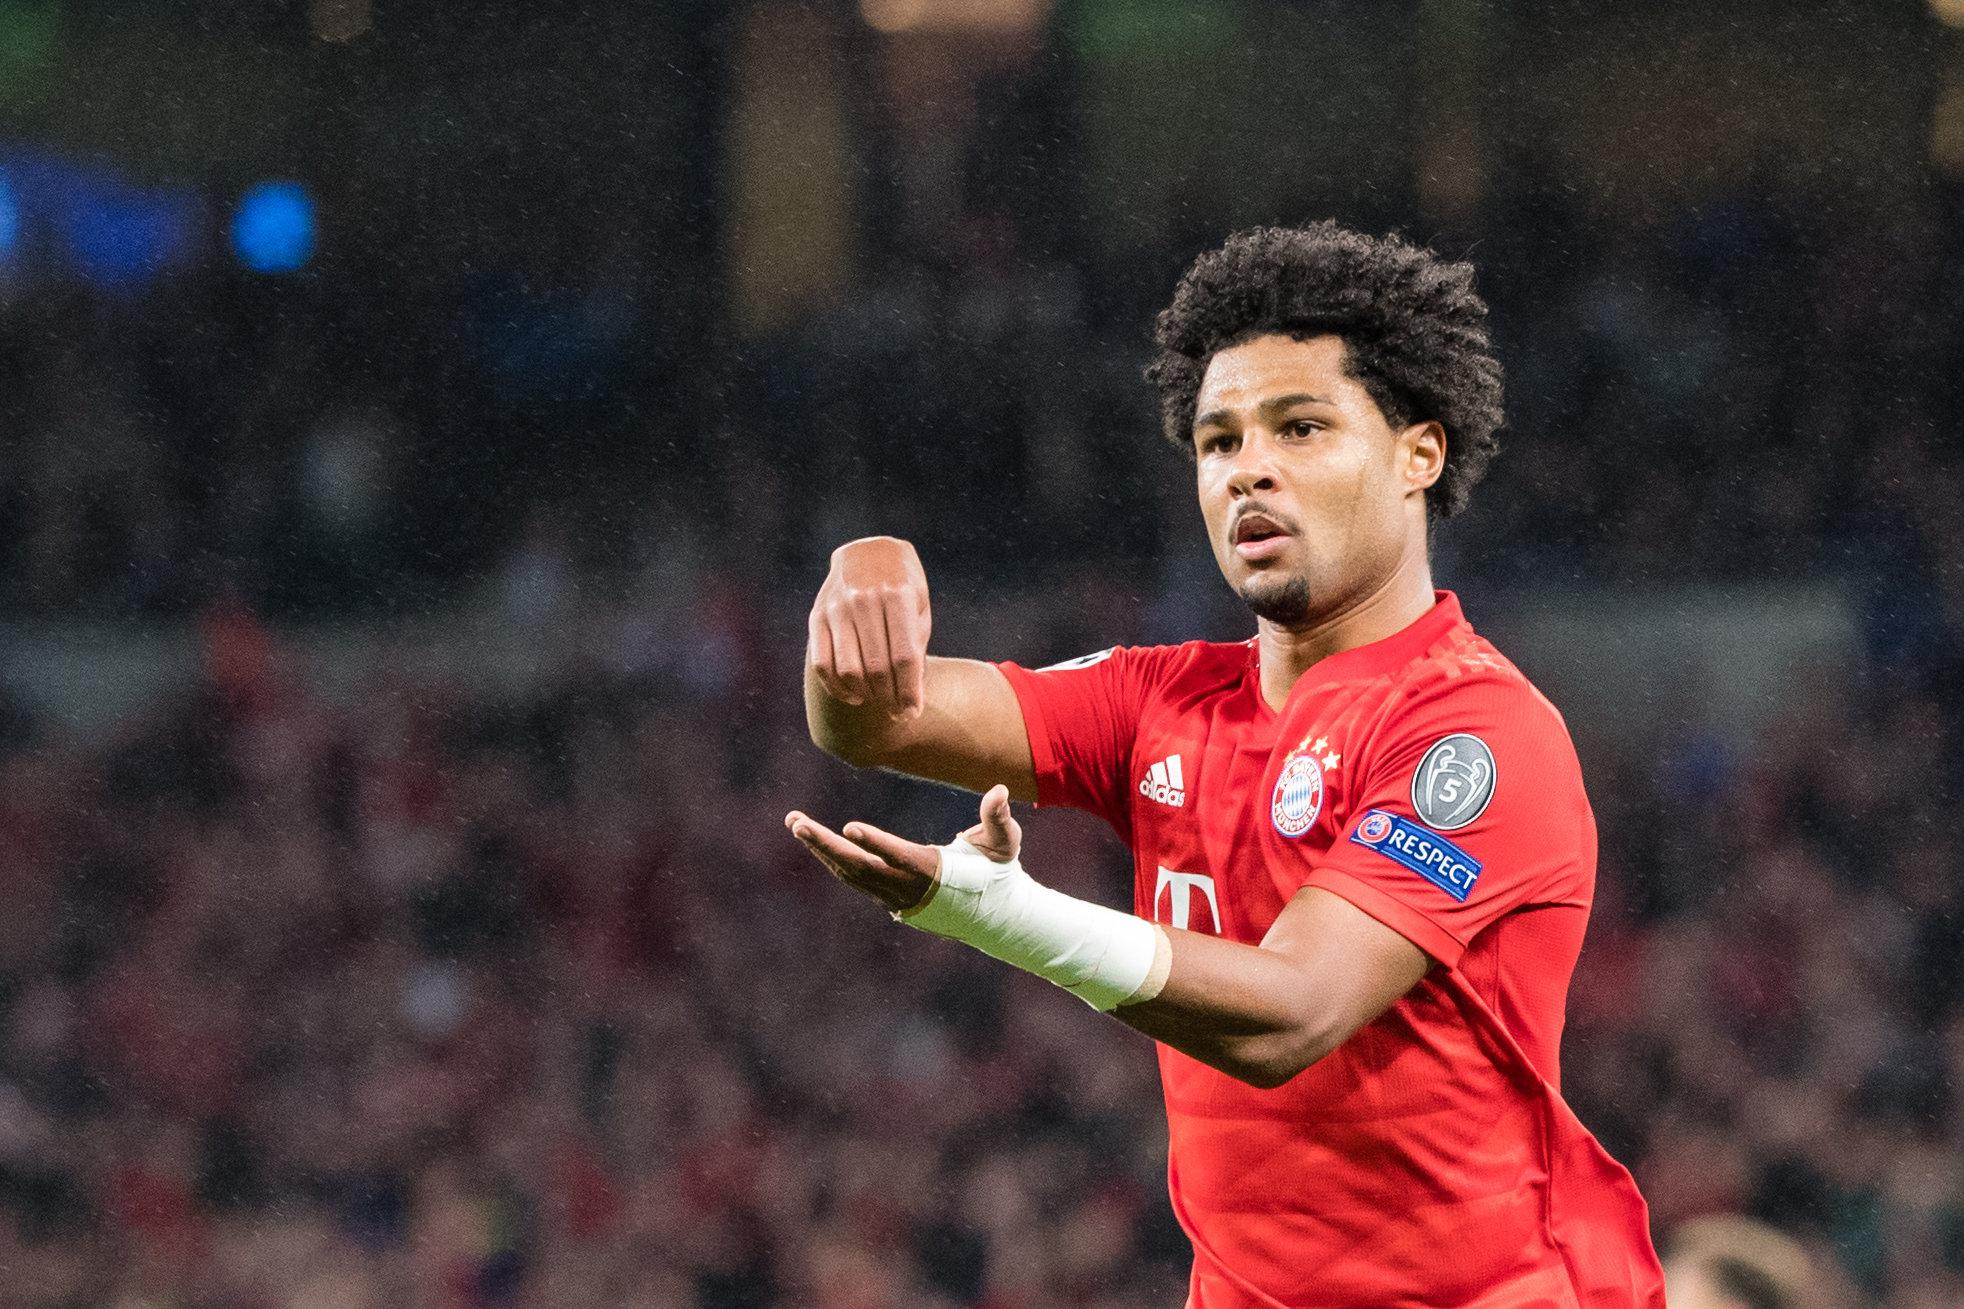 Wenn Bayern-Star Serge Gnabry einen Treffer erzielt, zeigt er einen besonderen Torjubel.